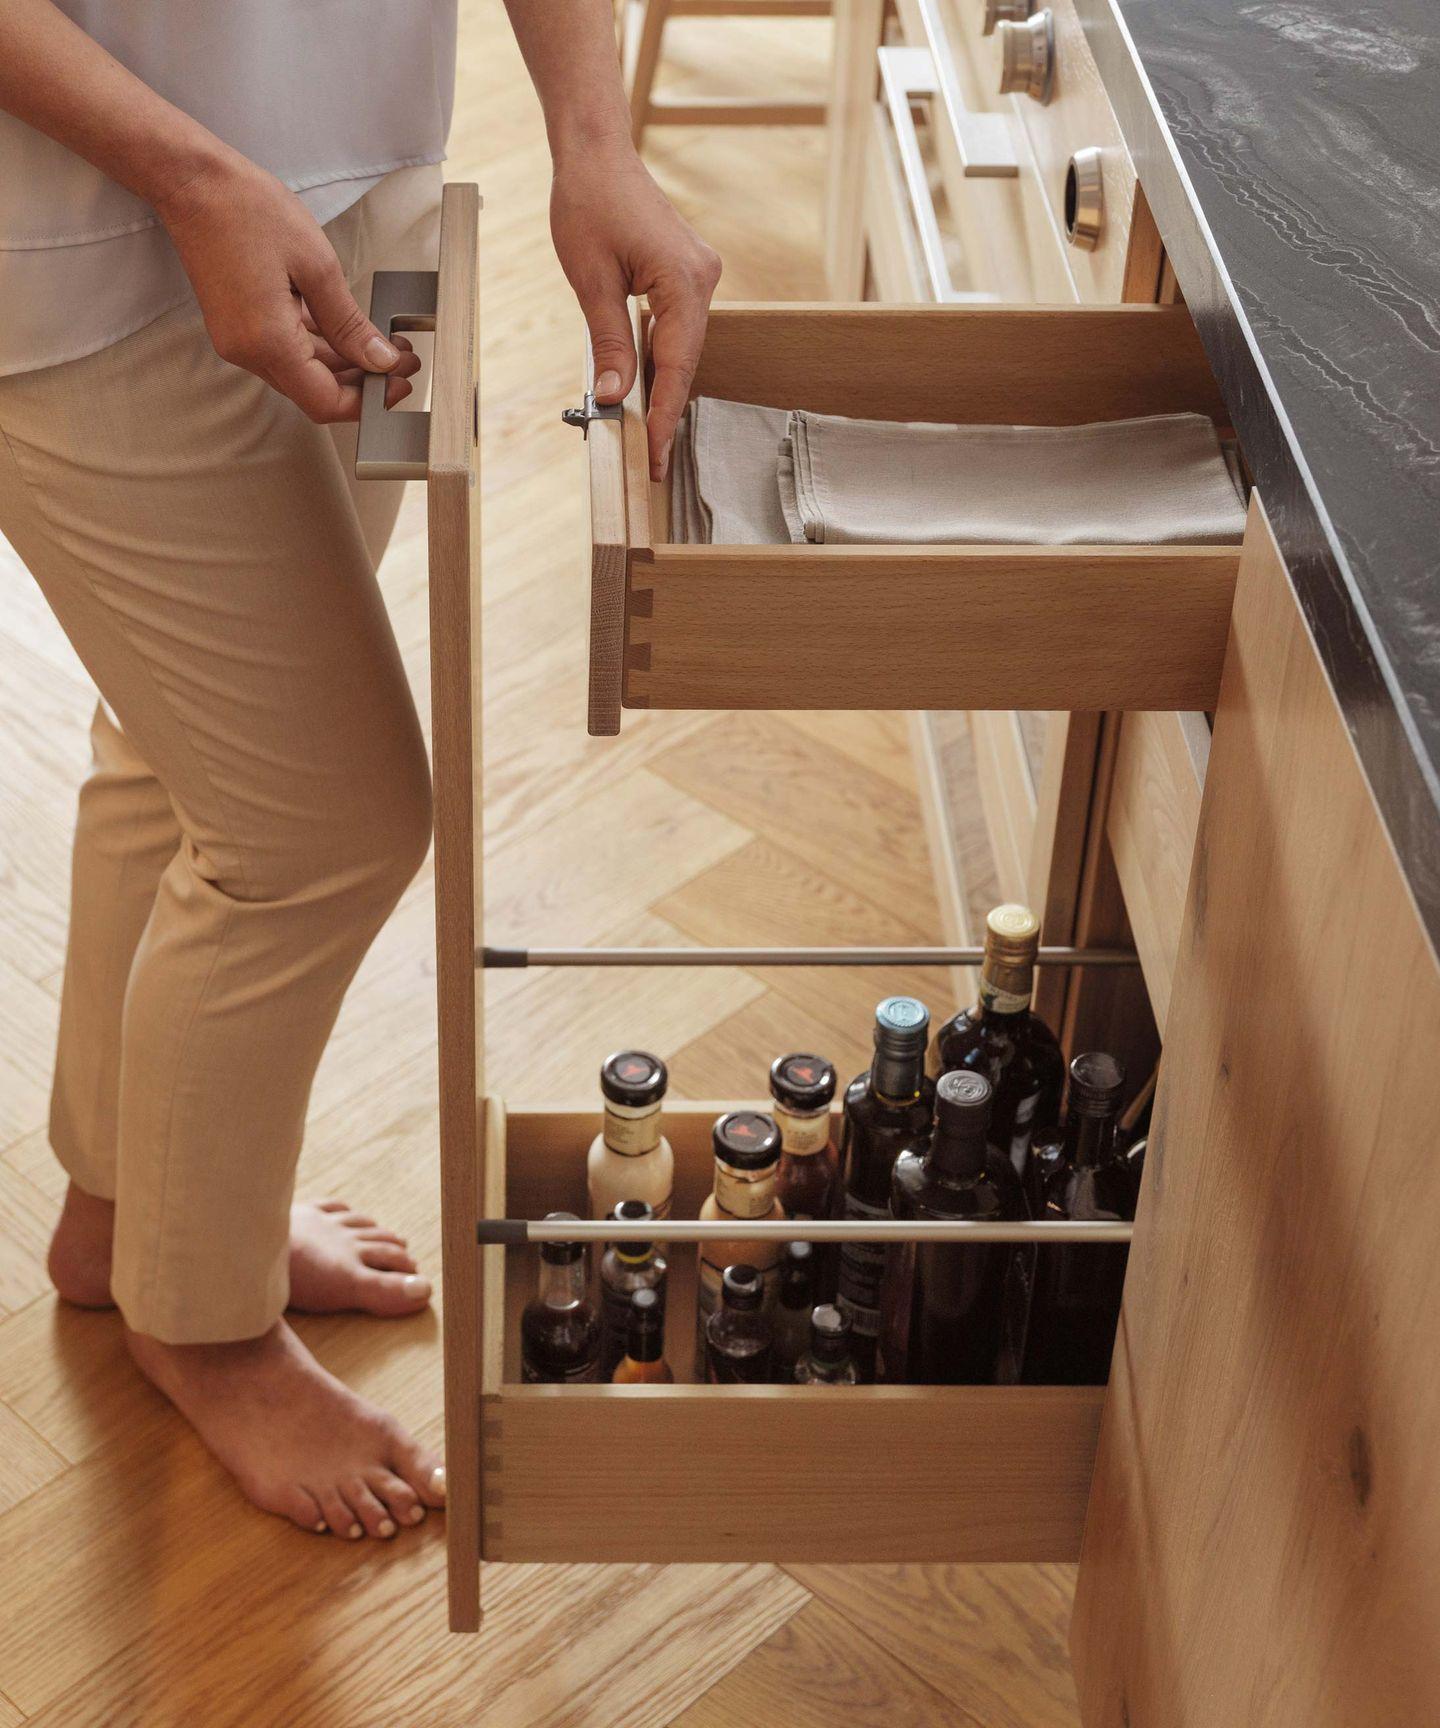 Кухня loft из натурального дерева с открытым ящиком